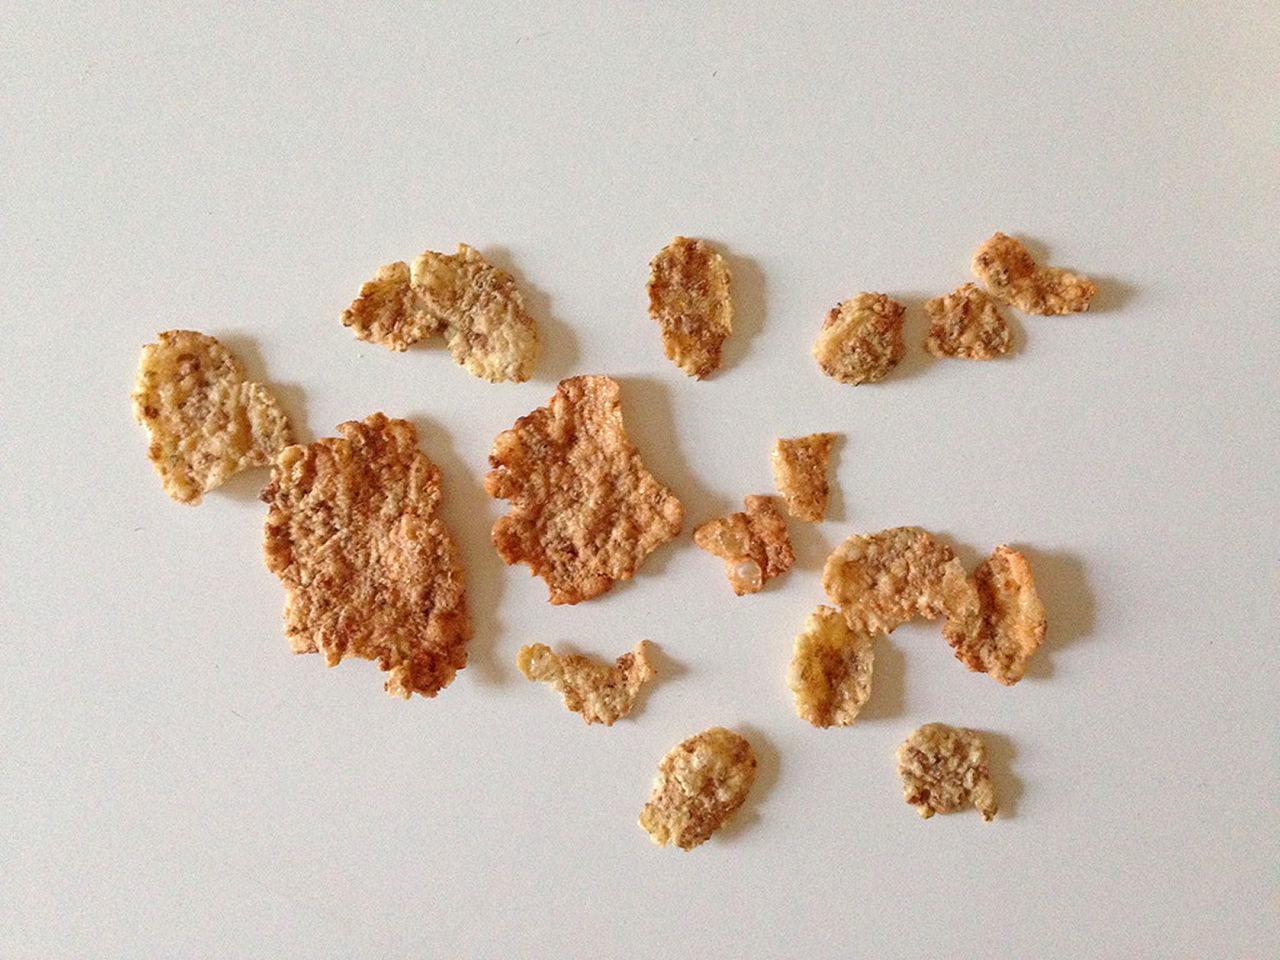 Breakfast Breakfast Time Cereali Cereals Colazione Colazione Leggera Colazione Time  Table